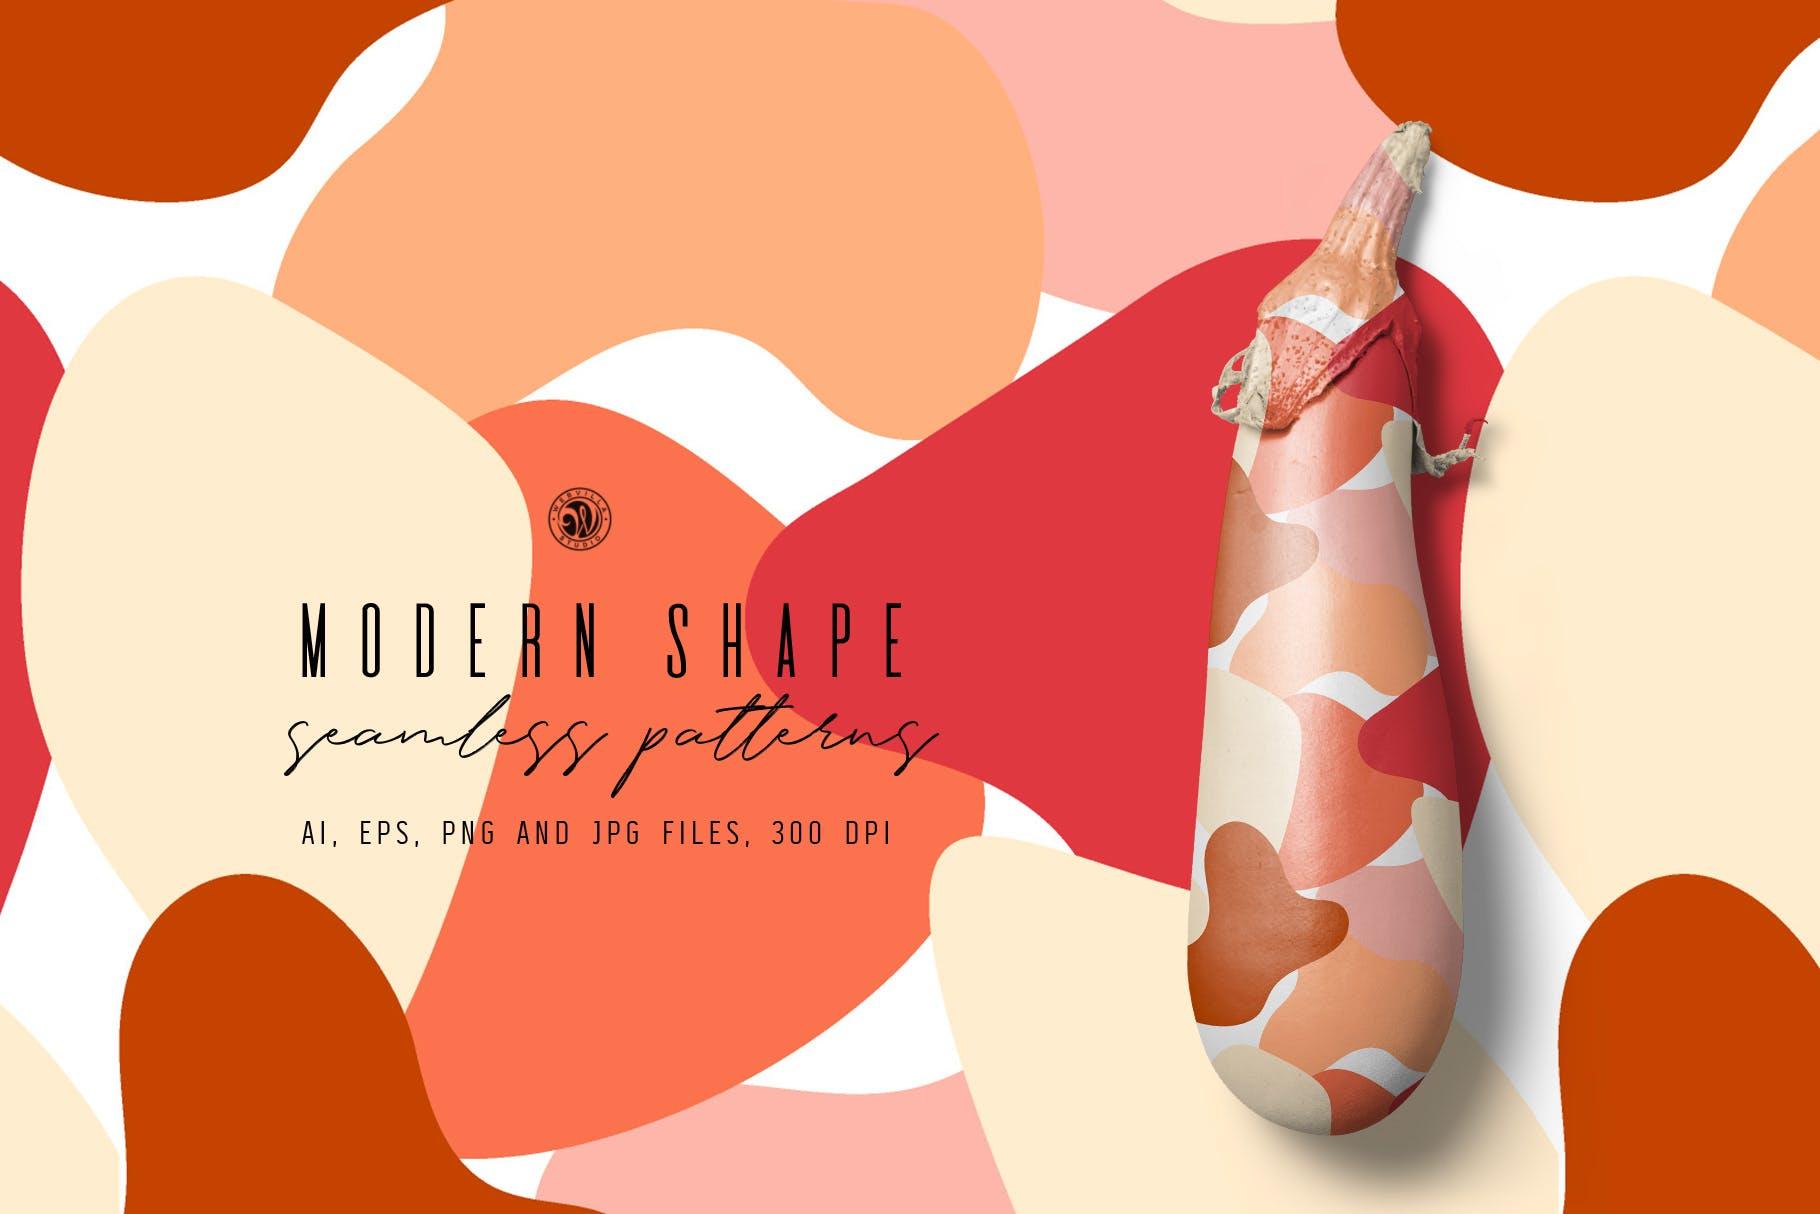 现代抽象几何形状创意装饰图案素材Modern Shape Patterns插图(4)